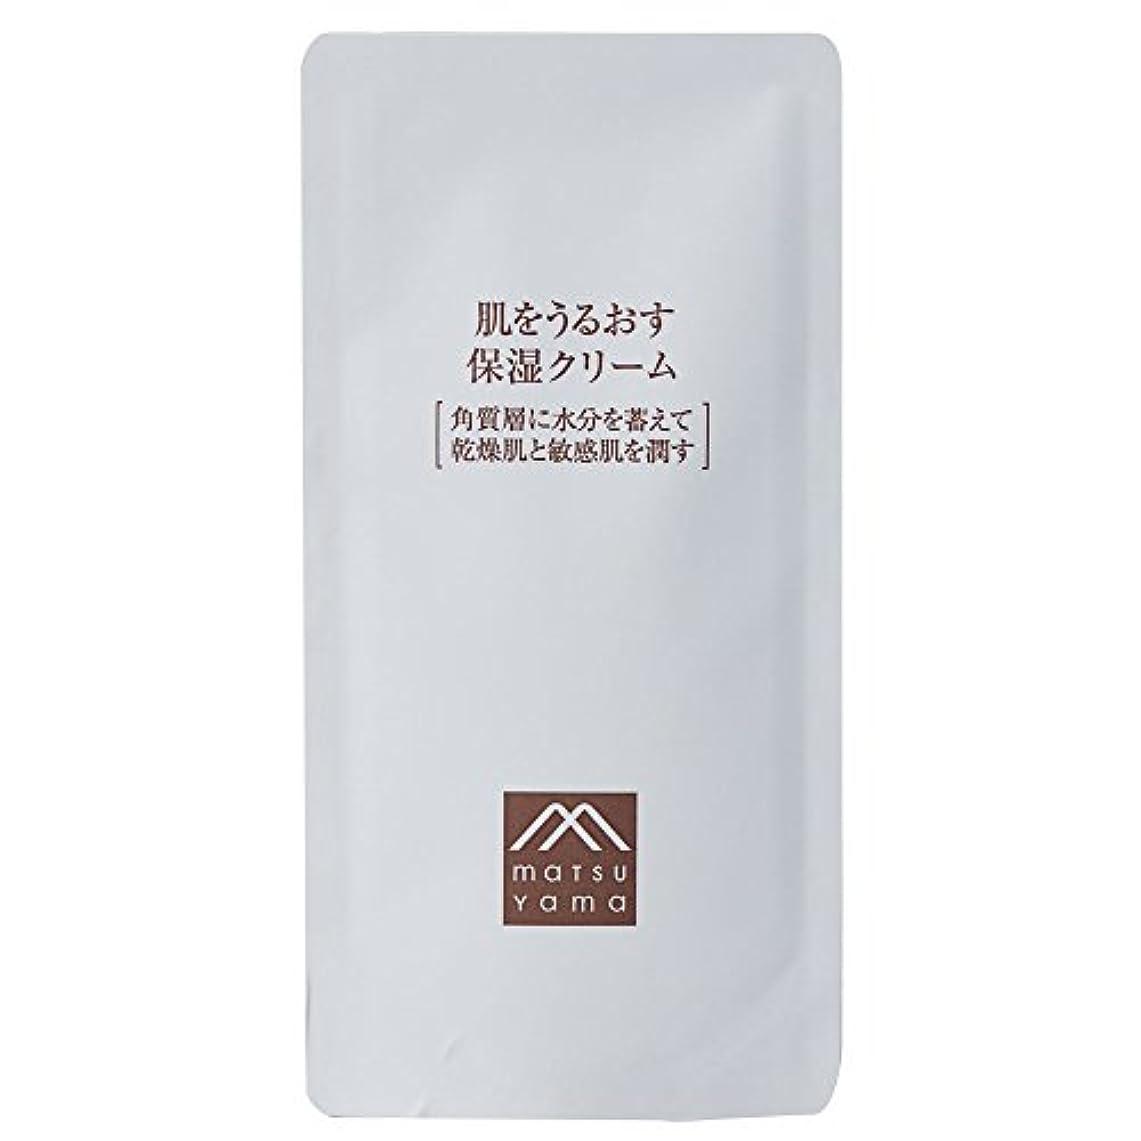 全体影響を受けやすいですくしゃくしゃ肌をうるおす保湿クリーム 詰替用(クリーム) 濃厚クリーム [乾燥肌 敏感肌]